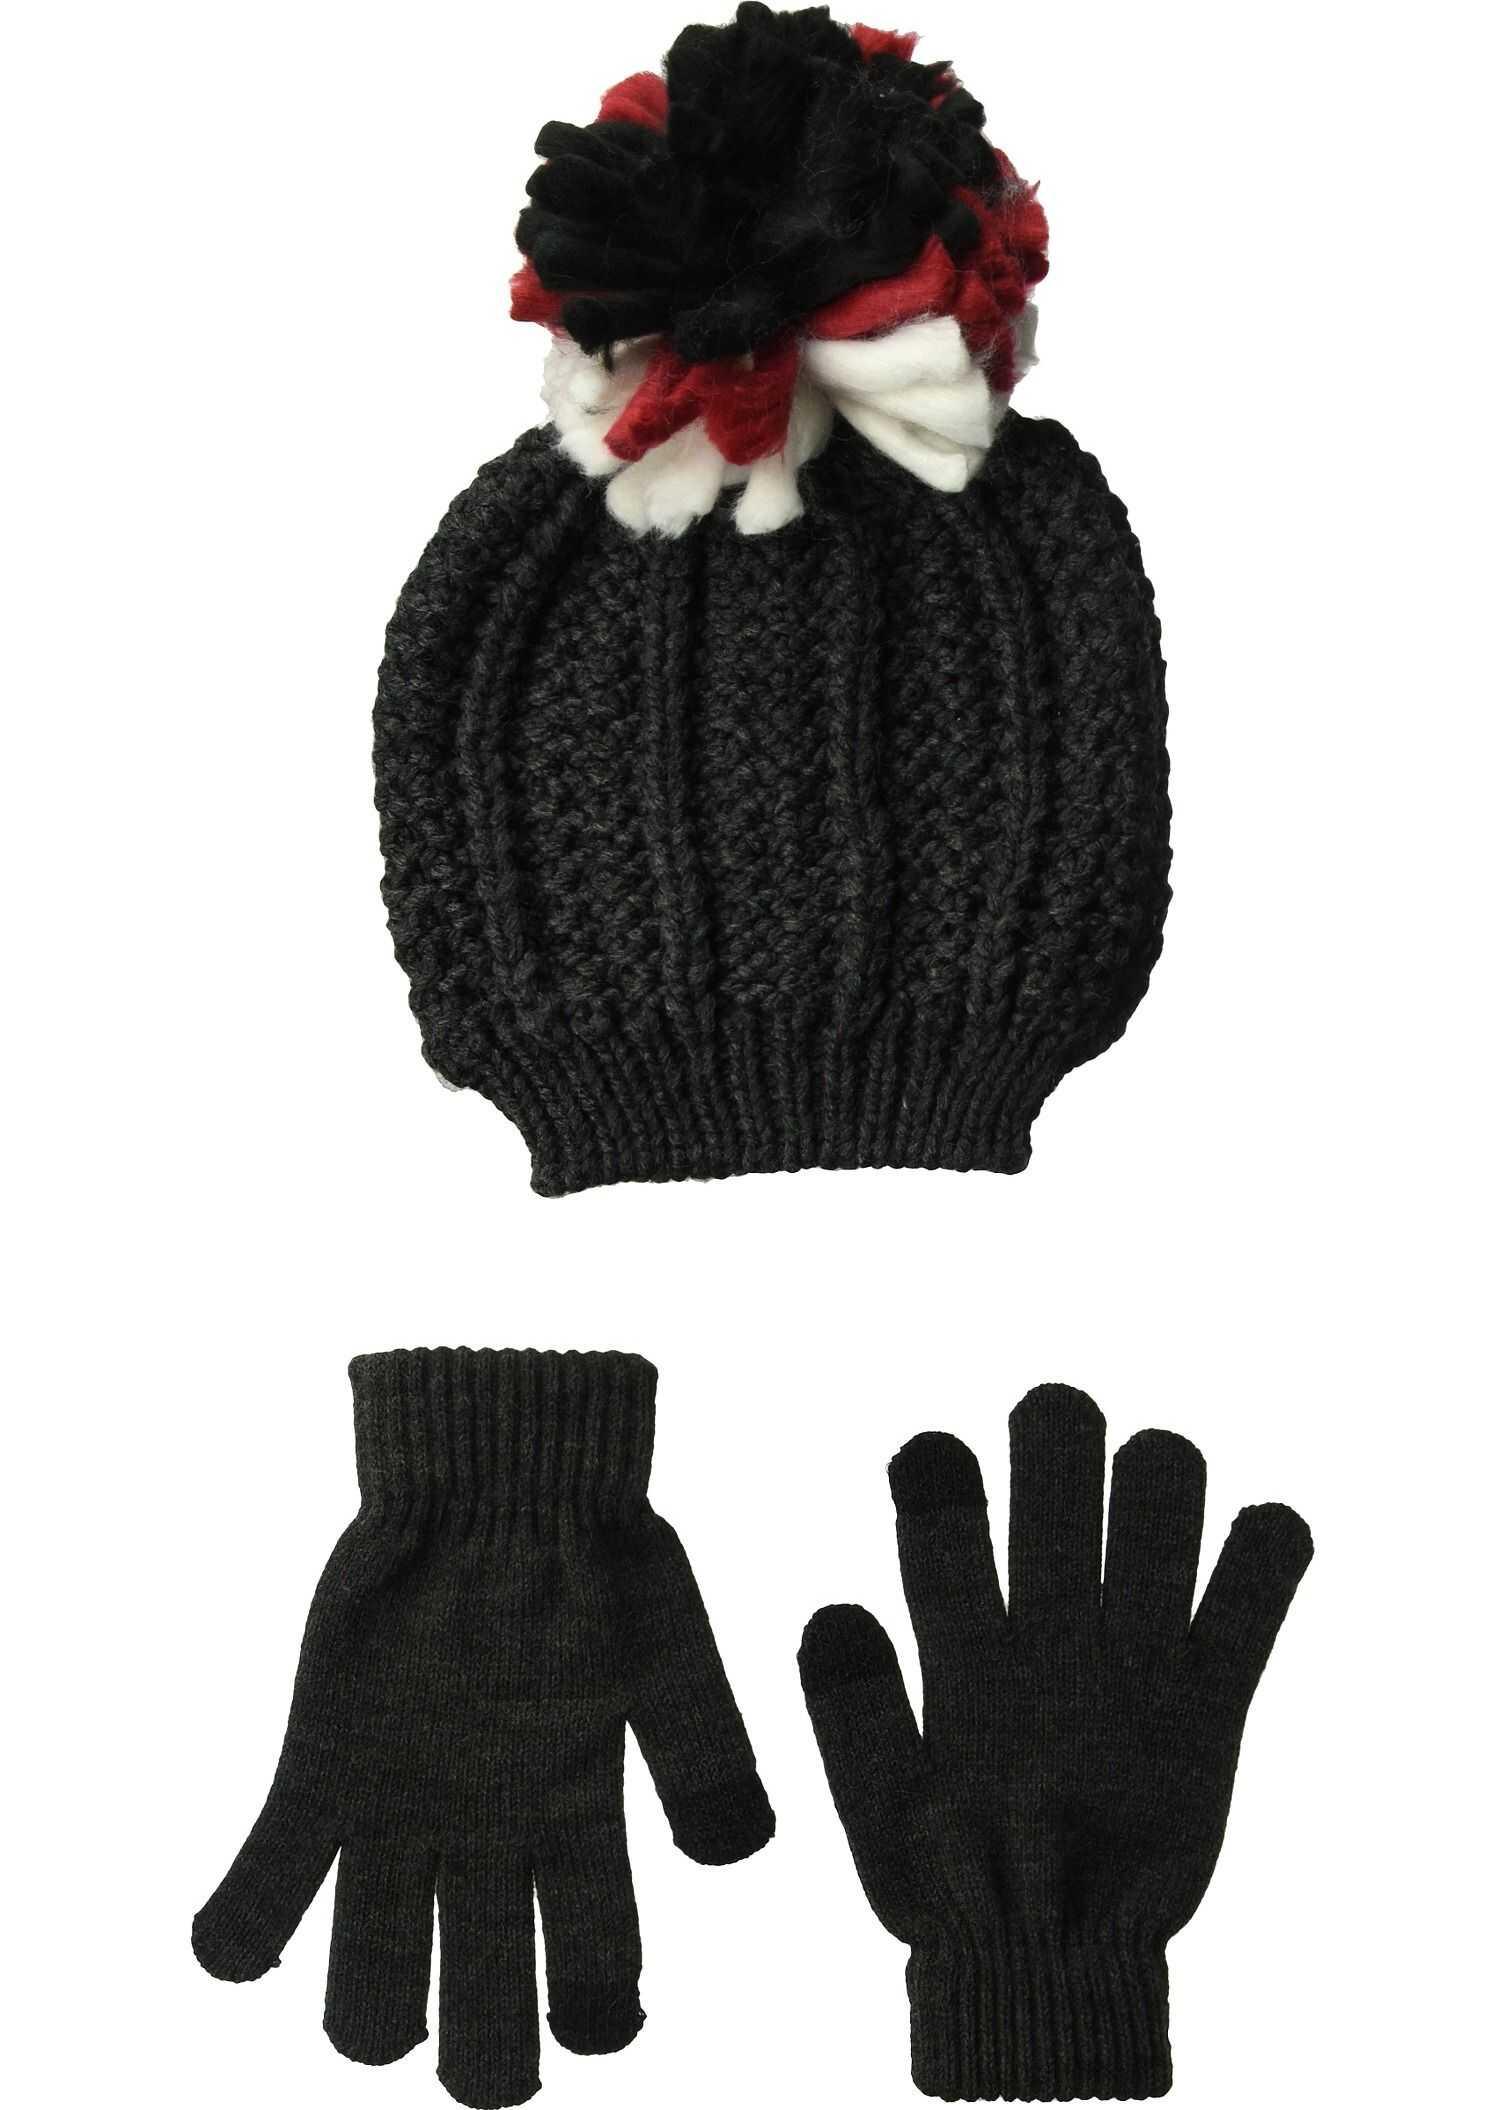 Steve Madden Chunky Pom Pom Hat with Etouch Glove Set Grey